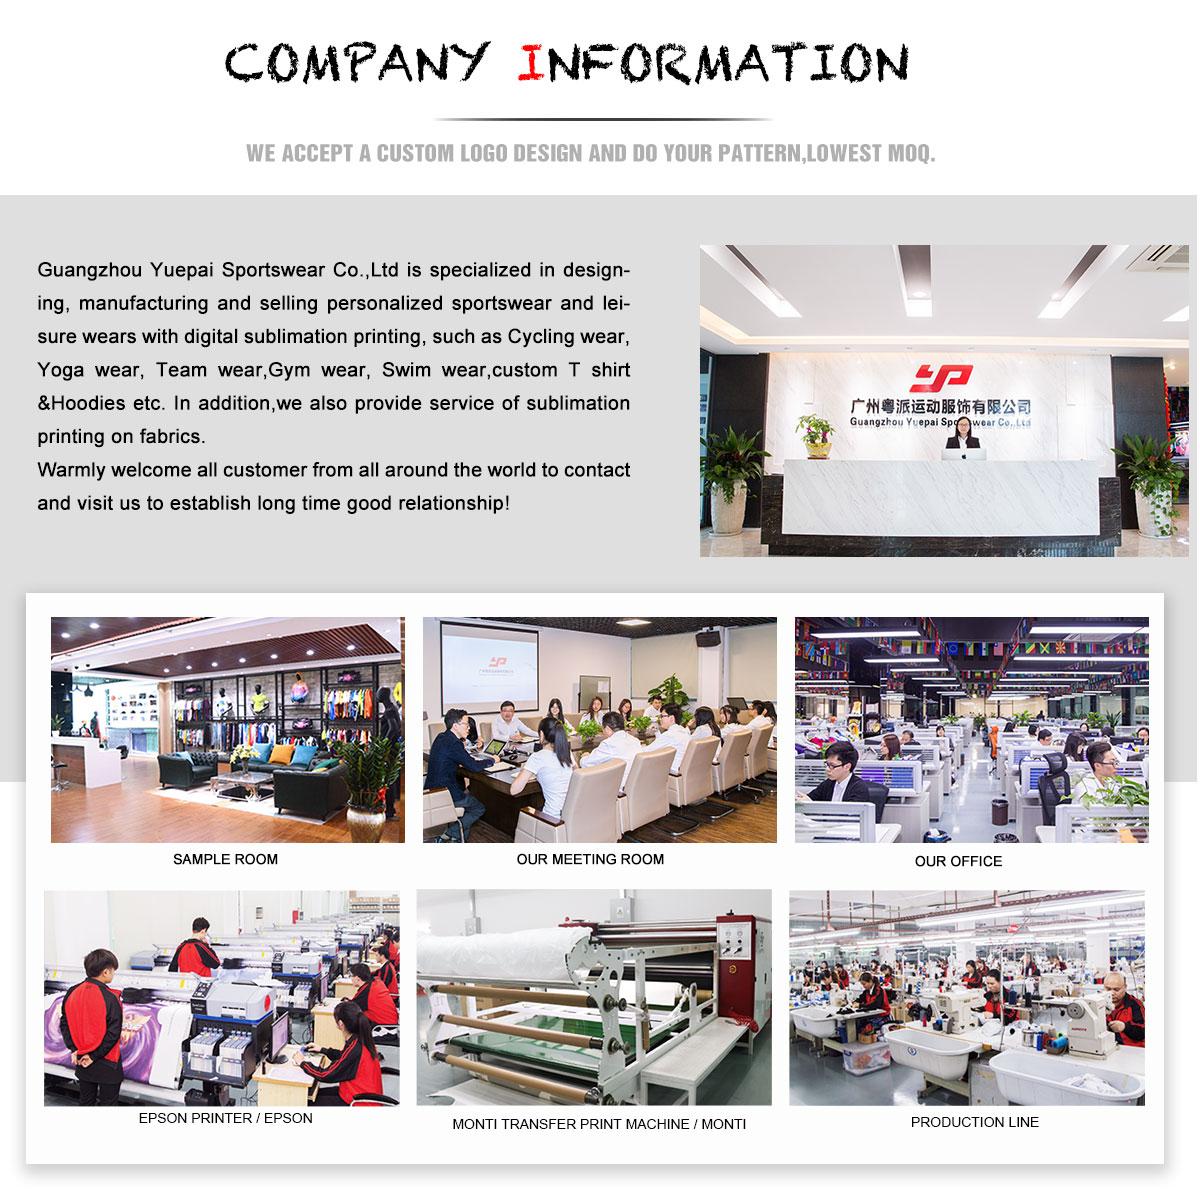 Guangzhou Yuepai Sportswear Co., Ltd. Sportswear